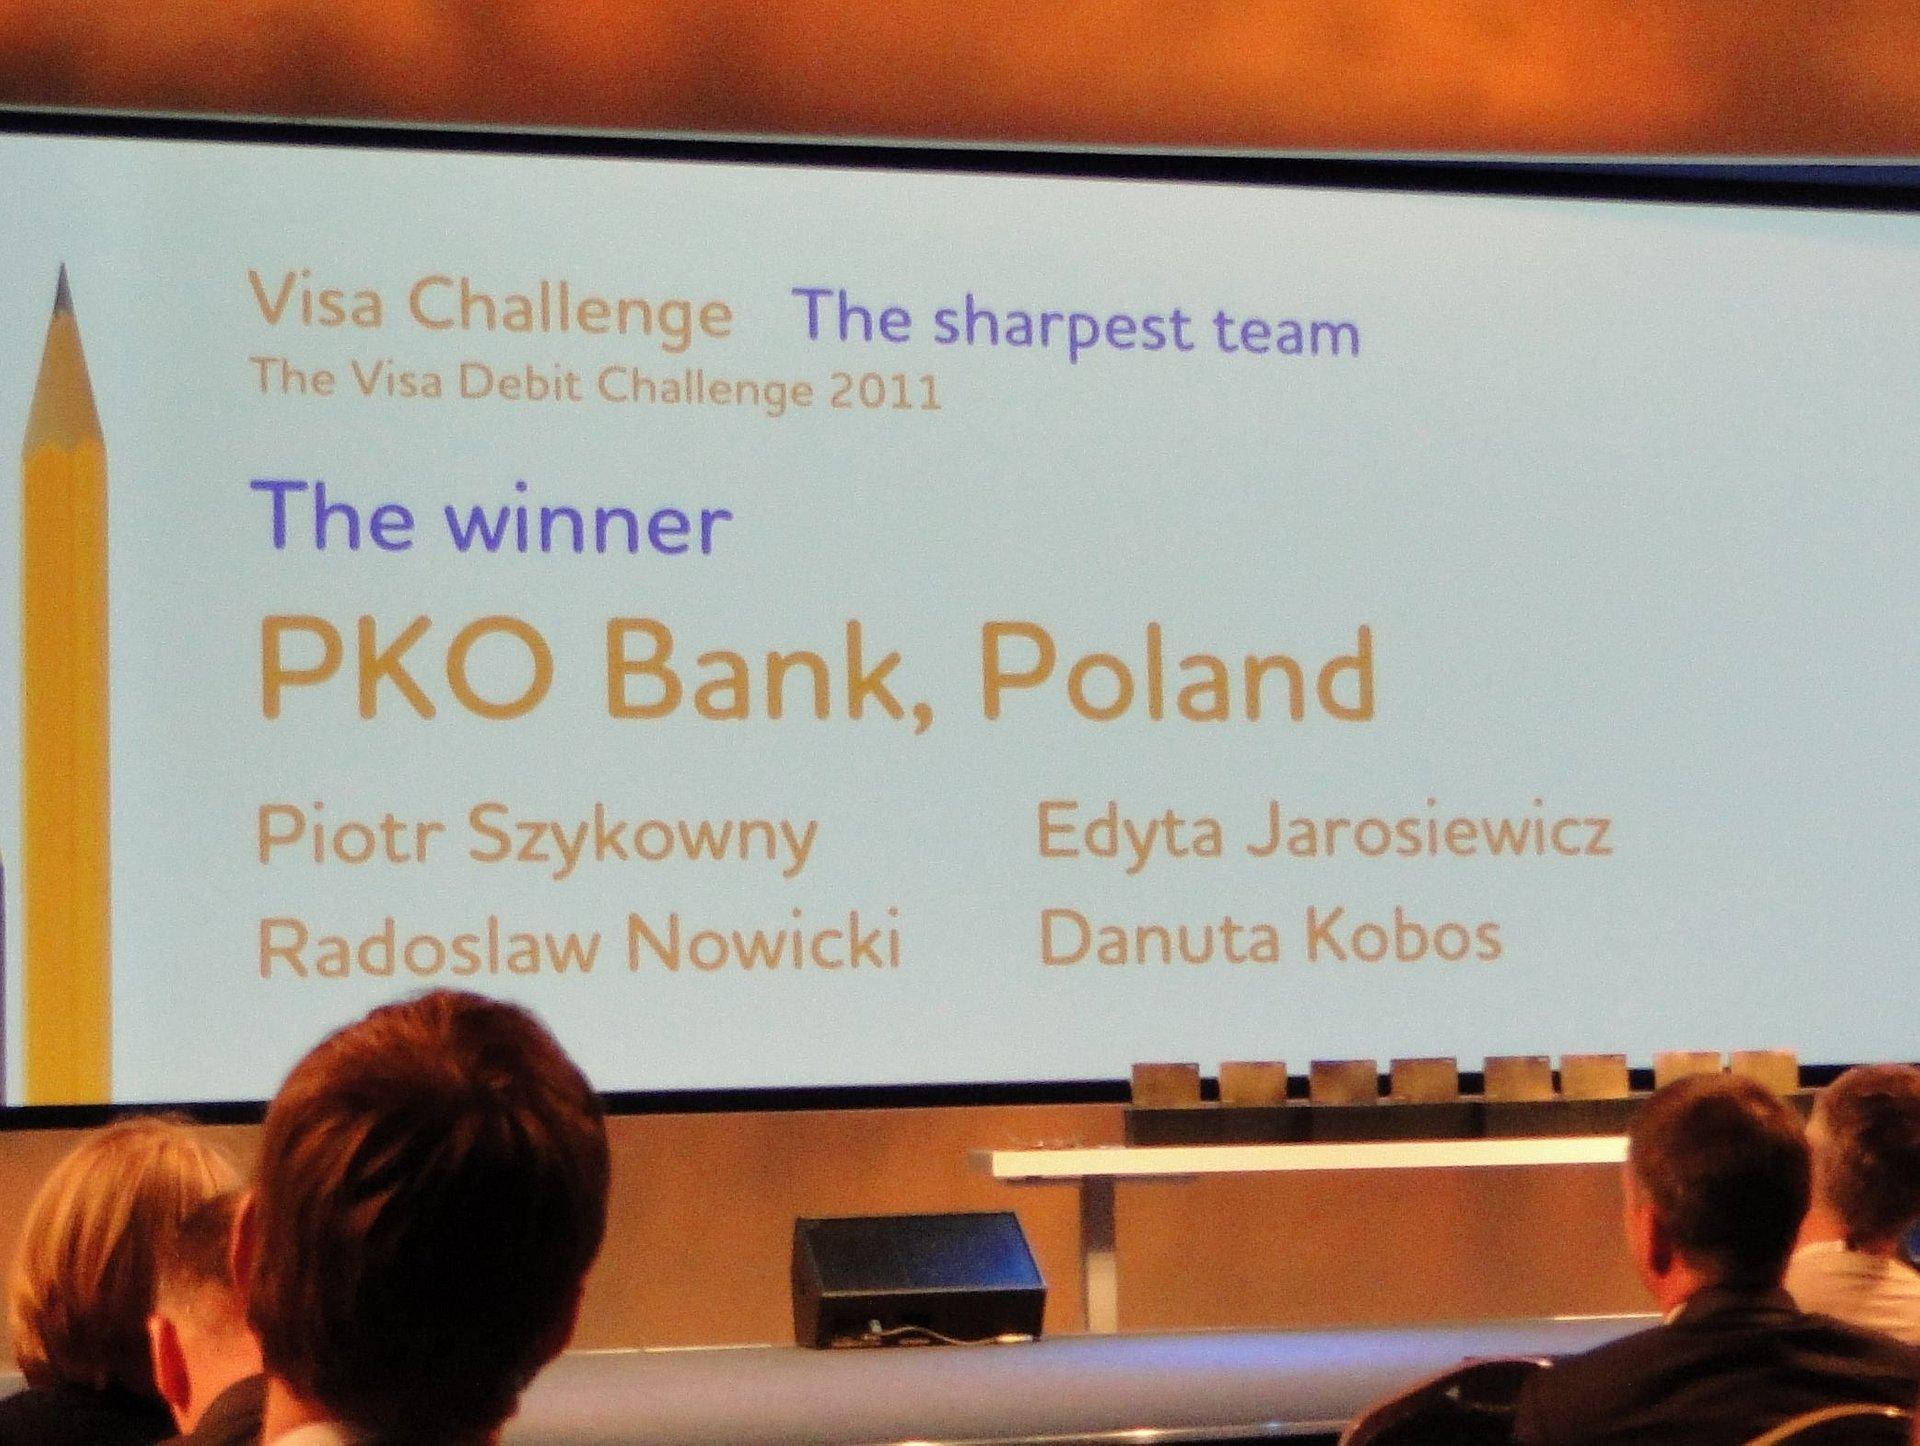 PKO Bank Polski wygrywa z gigantami bankowymi